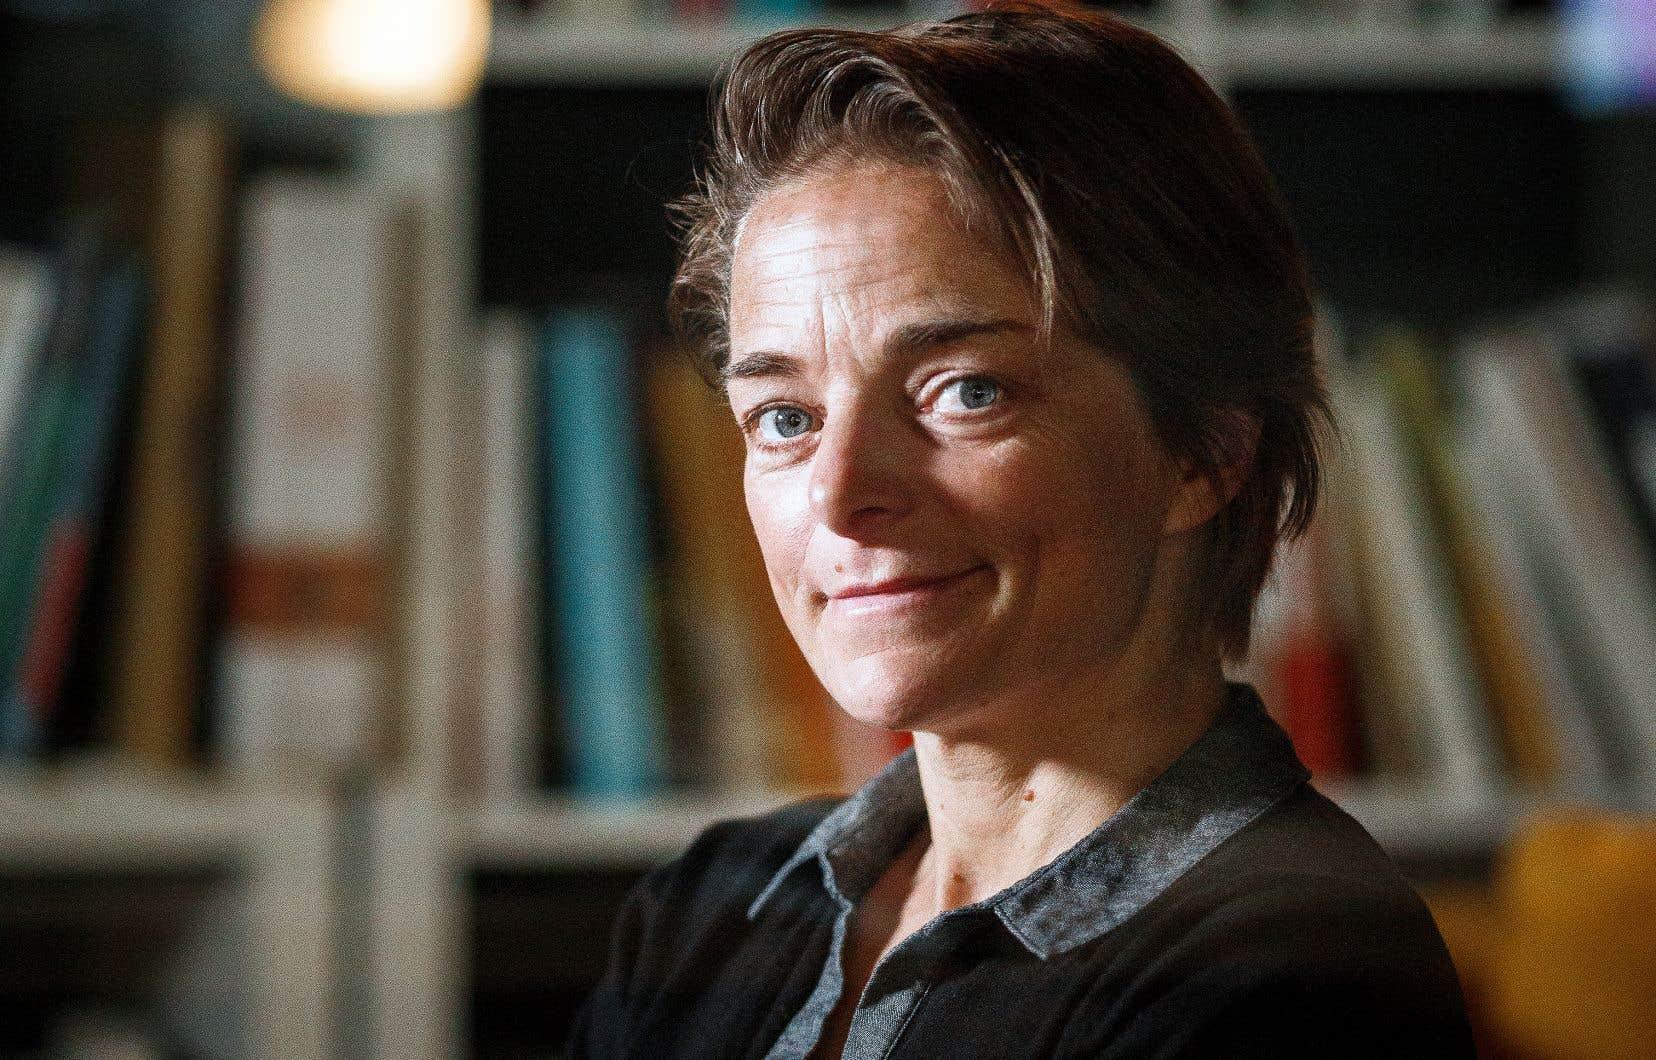 La plongeuse, cinéaste et photographe Nathalie Lasselin va réaliser un documentaire sous-marin sur les eaux du Saint-Laurent, aux alentours de Montréal.